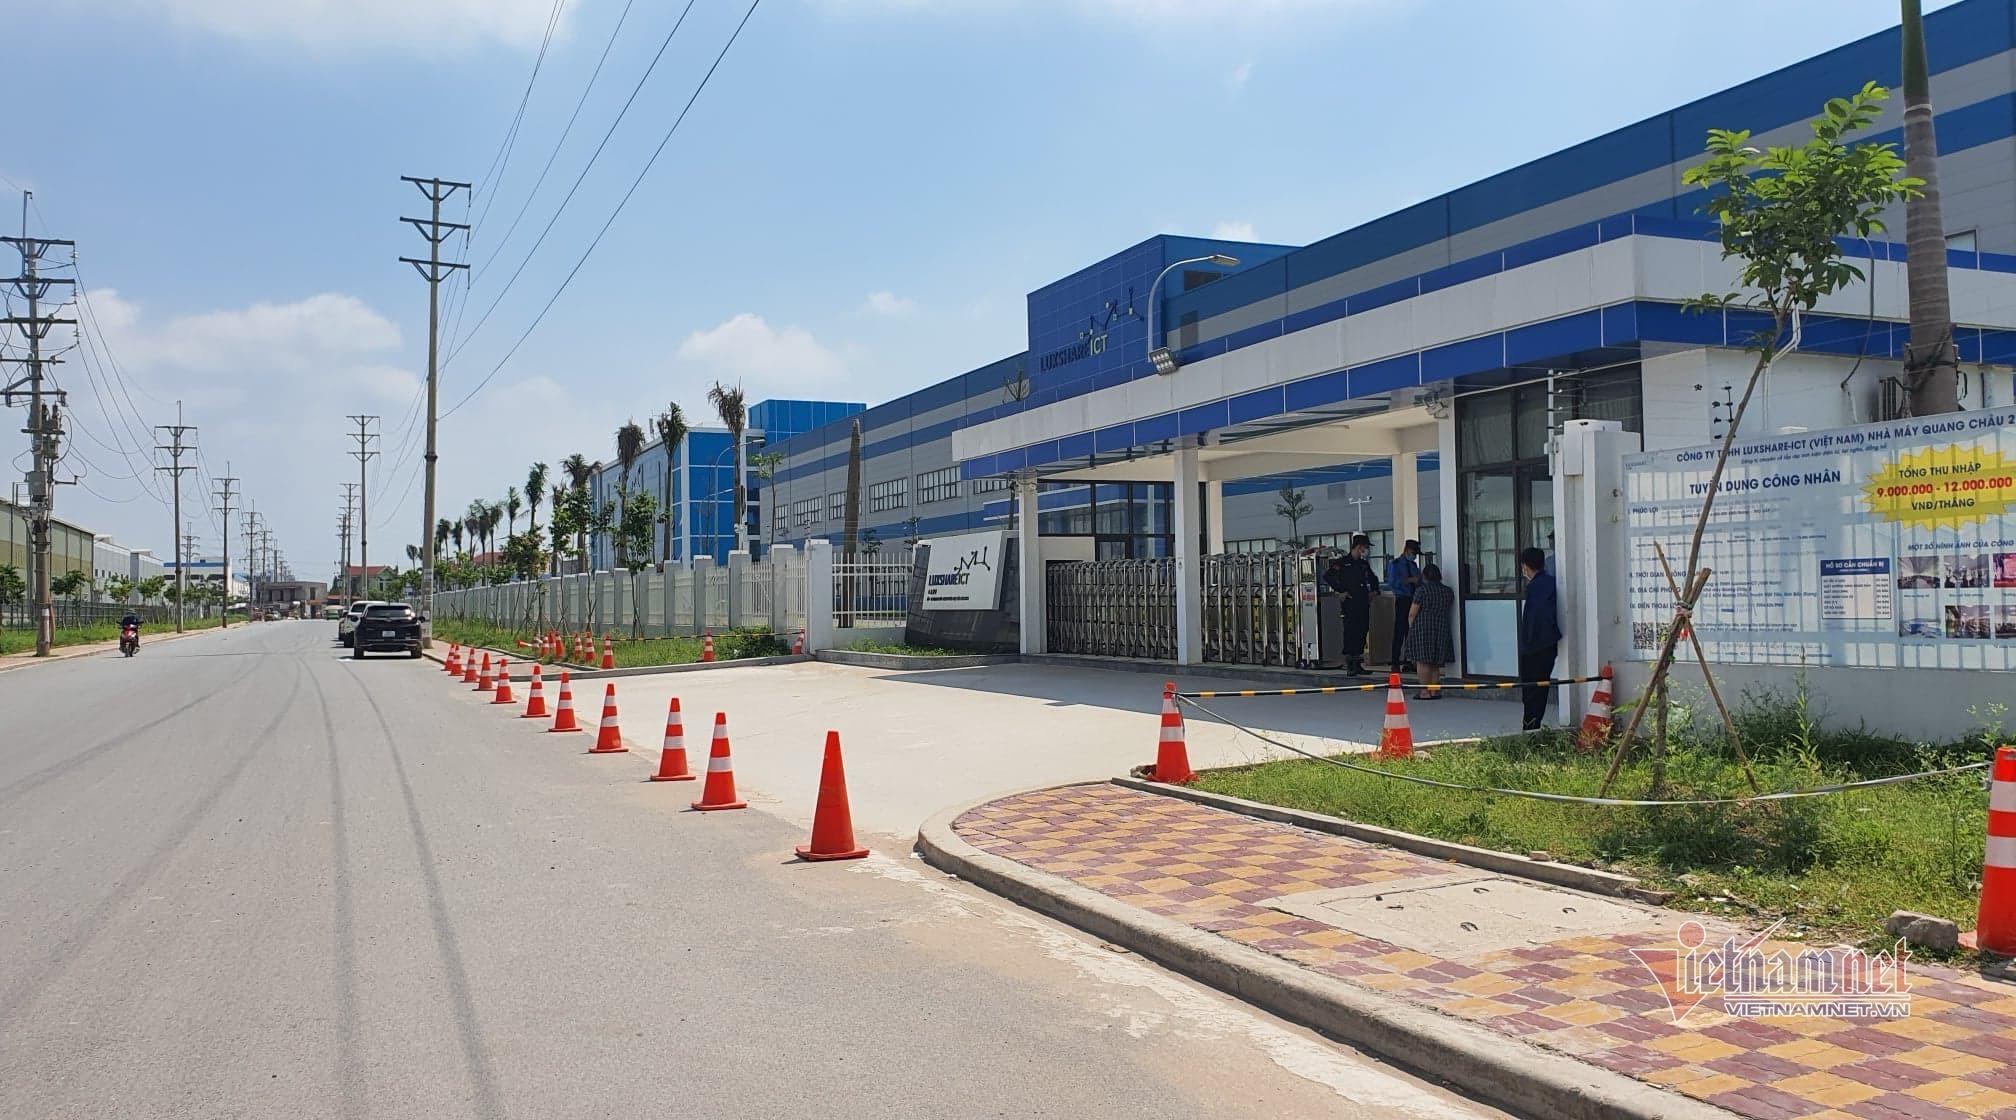 Công nhân có thể xét nghiệm Covid-19 tại địa phương trước khi đi làm lại ở Bắc Giang